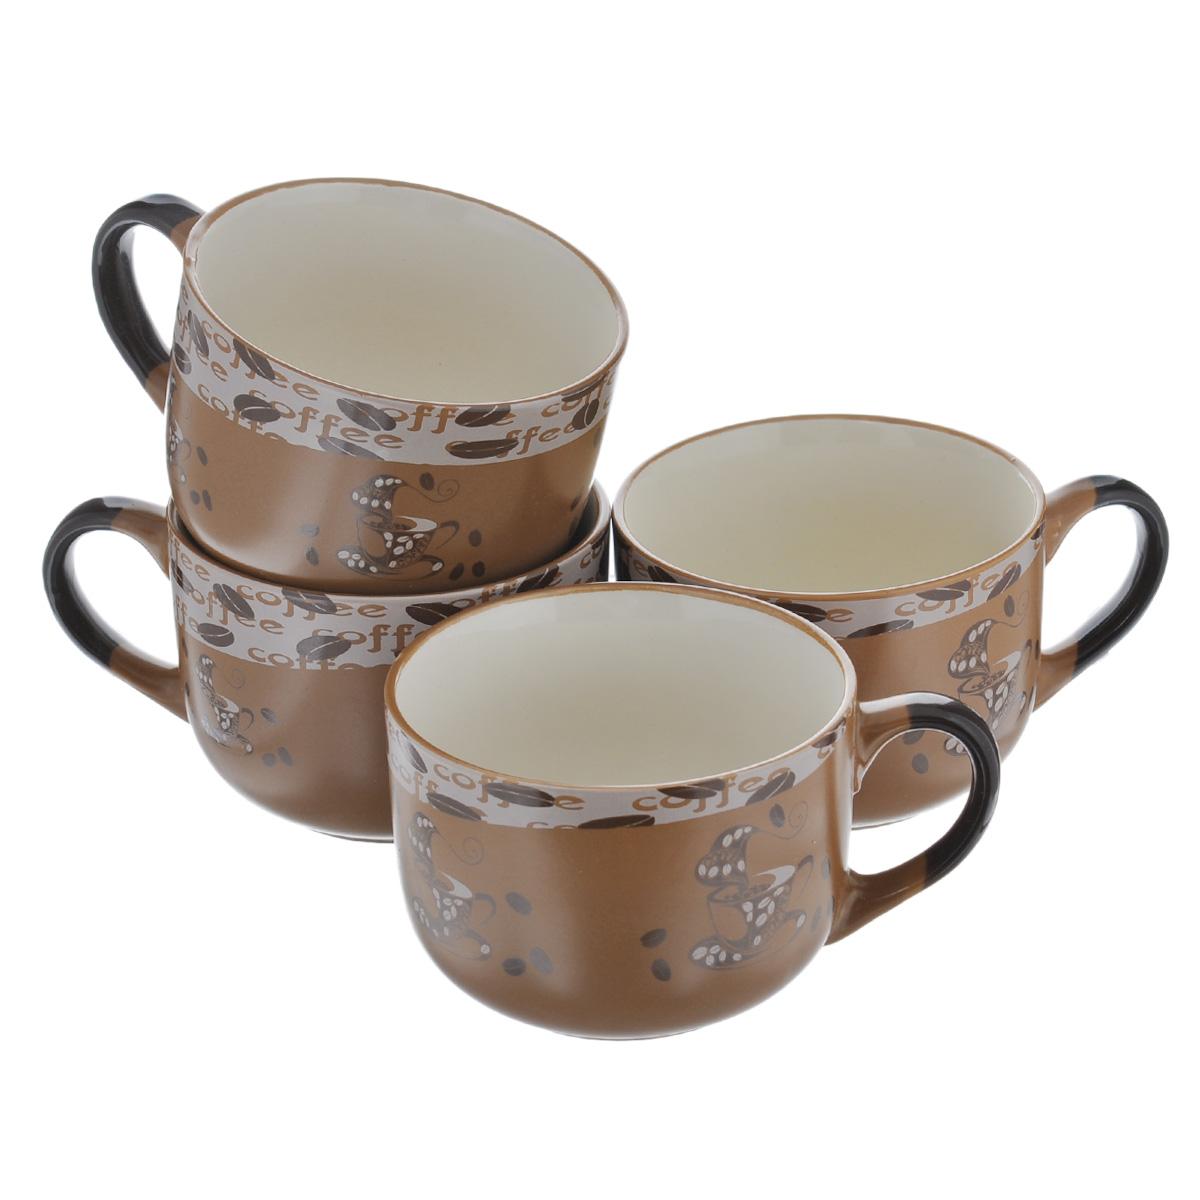 Набор супниц Loraine, цвет: коричневый, 650 мл, 4 шт54 009312Набор Loraine состоит из четырех супниц, выполненных из высококачественной глазурованной керамики. Внешняя поверхность украшена изображением чашек кофе и кофейных зерен, внутренняя поверхность - бежевого цвета. Супницы оснащены ручками. Ровная, идеально гладкая поверхность легко моется и обеспечивает длительный срок службы. Красивый и функциональный набор супниц Loraine оригинально дополнит обеденную сервировку стола и станет незаменимым на любой кухне. Подходит для подачи супов, каш, хлопьев и много другого. Диаметр (по верхнему краю): 12 см. Высота стенки супницы: 9 см.